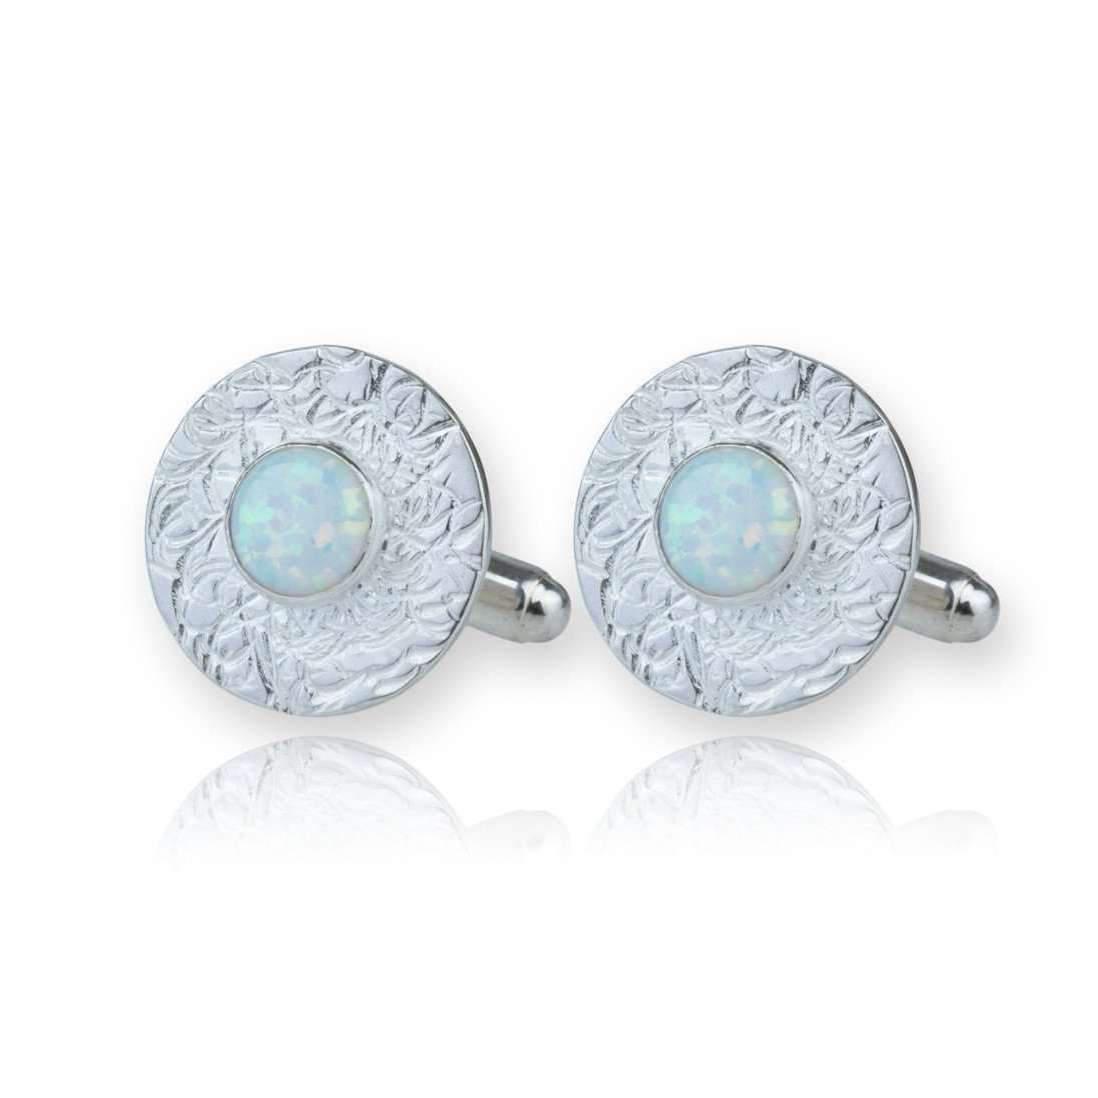 Lavan Sterling Silver & Green Opal Cufflinks vpeHJ